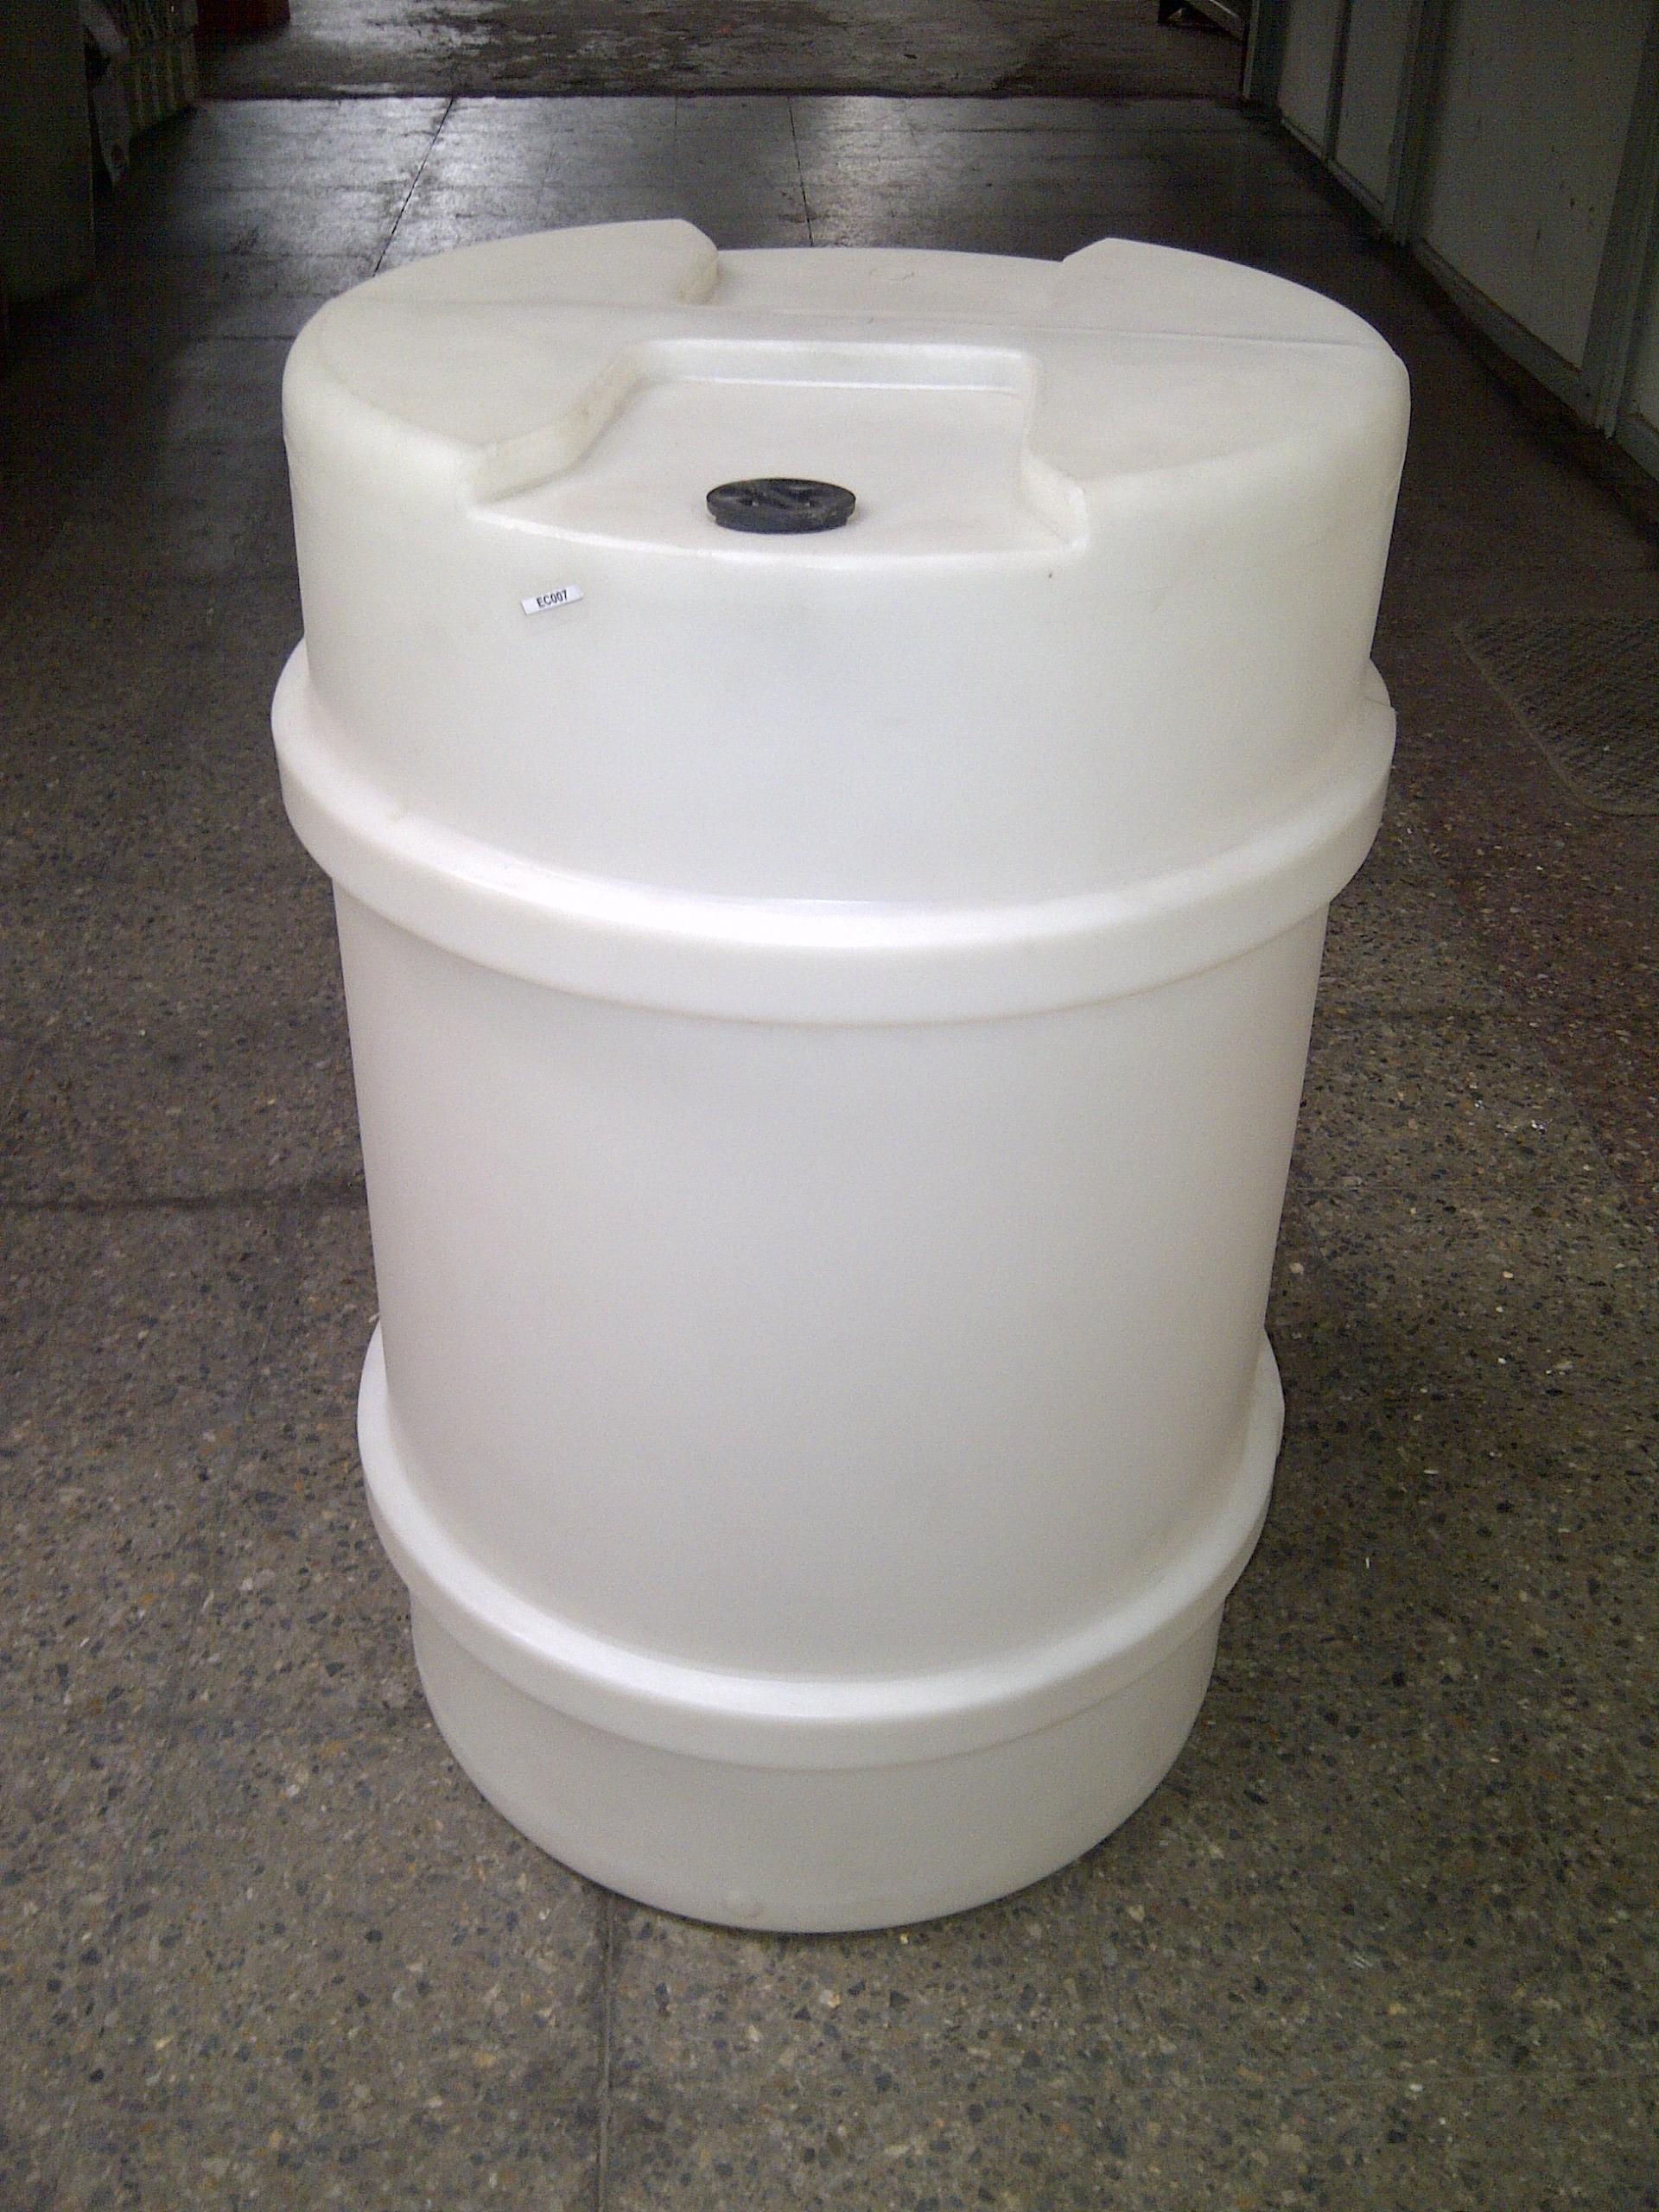 Plasticos shyf industria minera for Estanque wc plastico